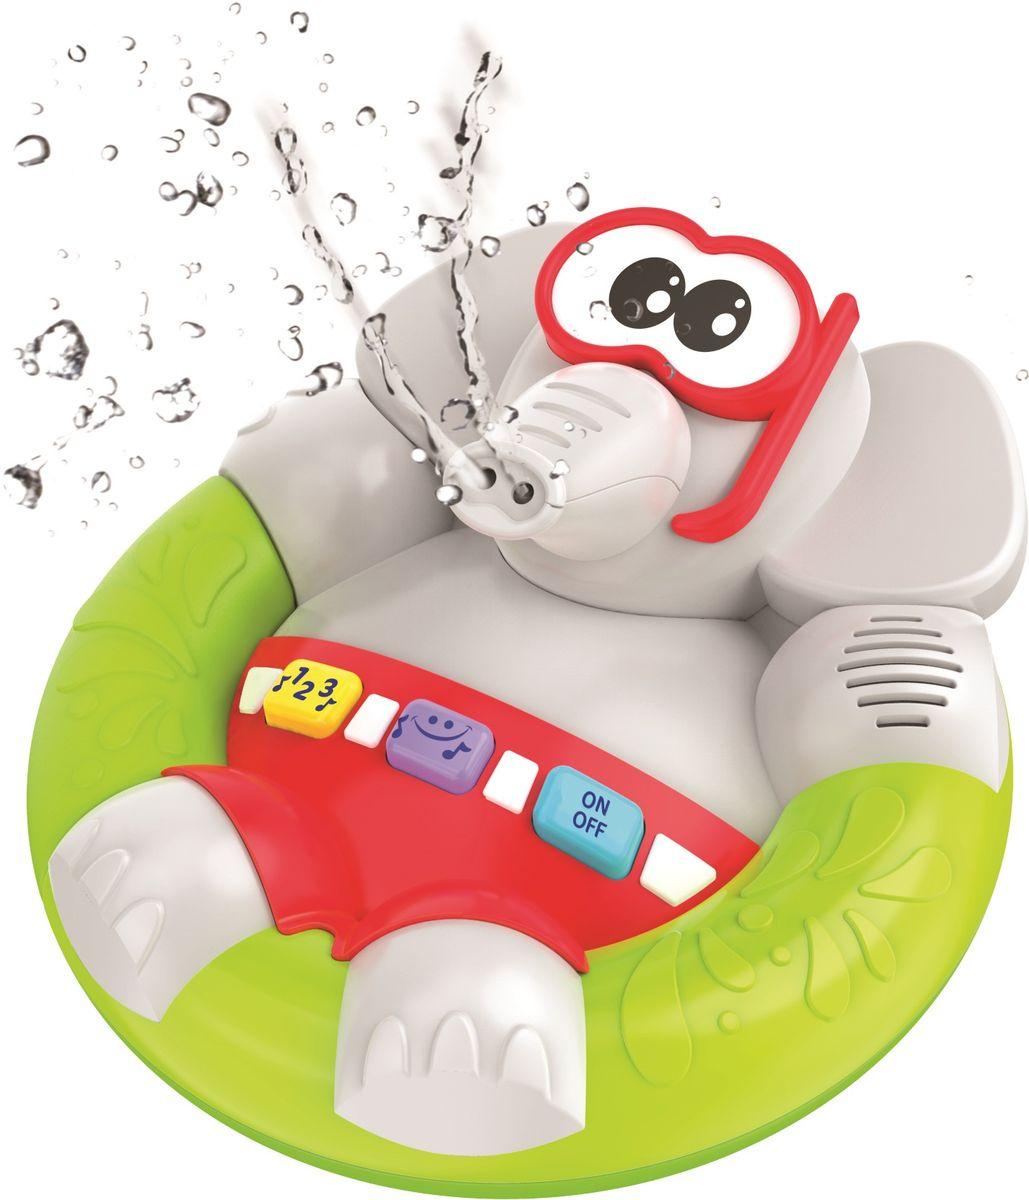 цены на Kidz Delight Игрушка для ванной Веселый слоненок  в интернет-магазинах